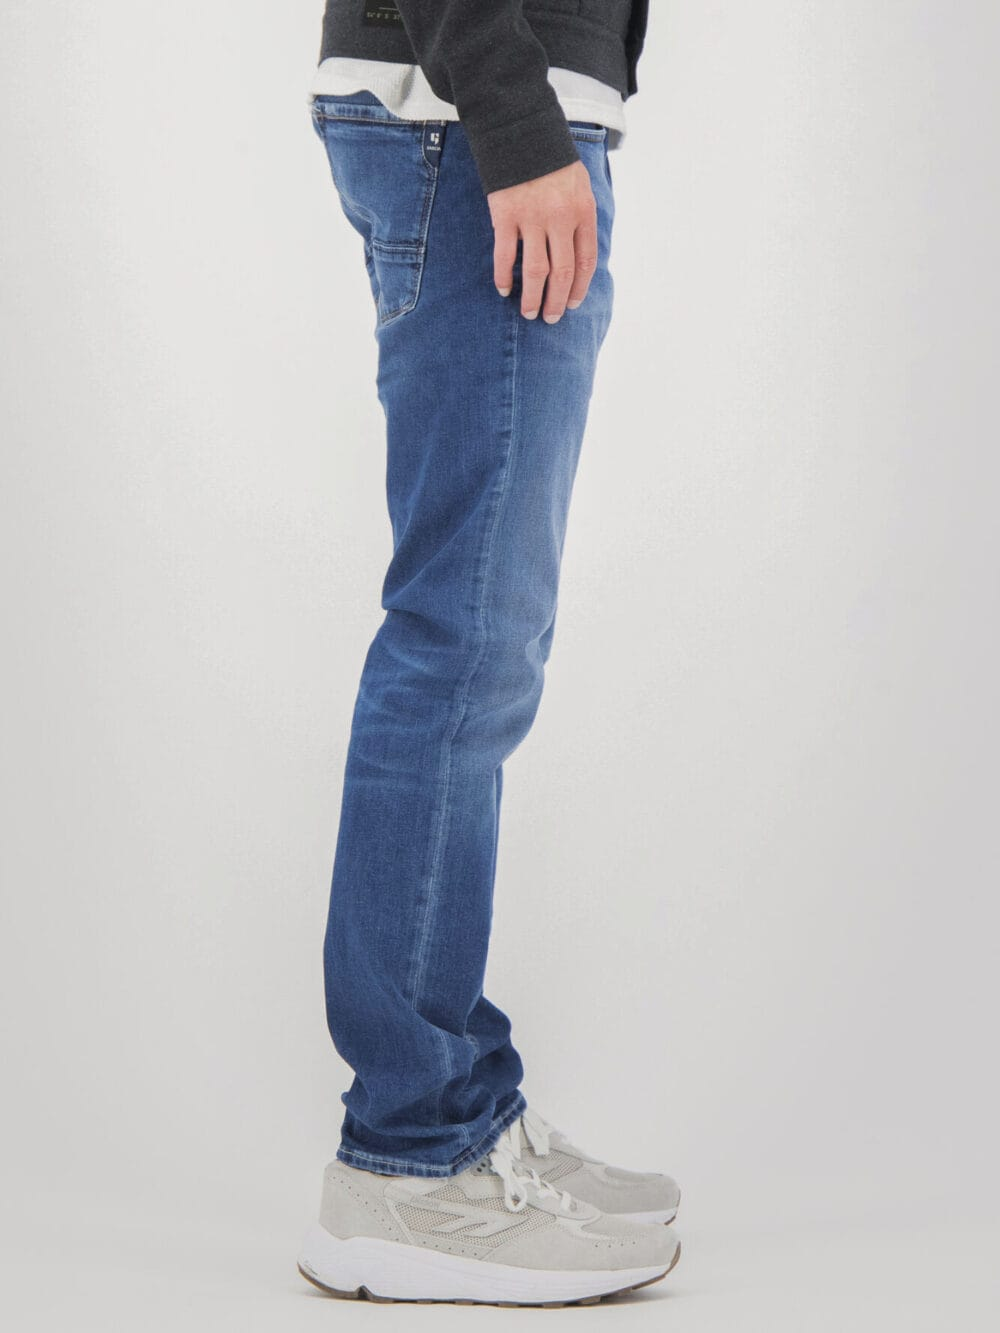 Garcia Jeans Russo Motion Denim Vintage Used